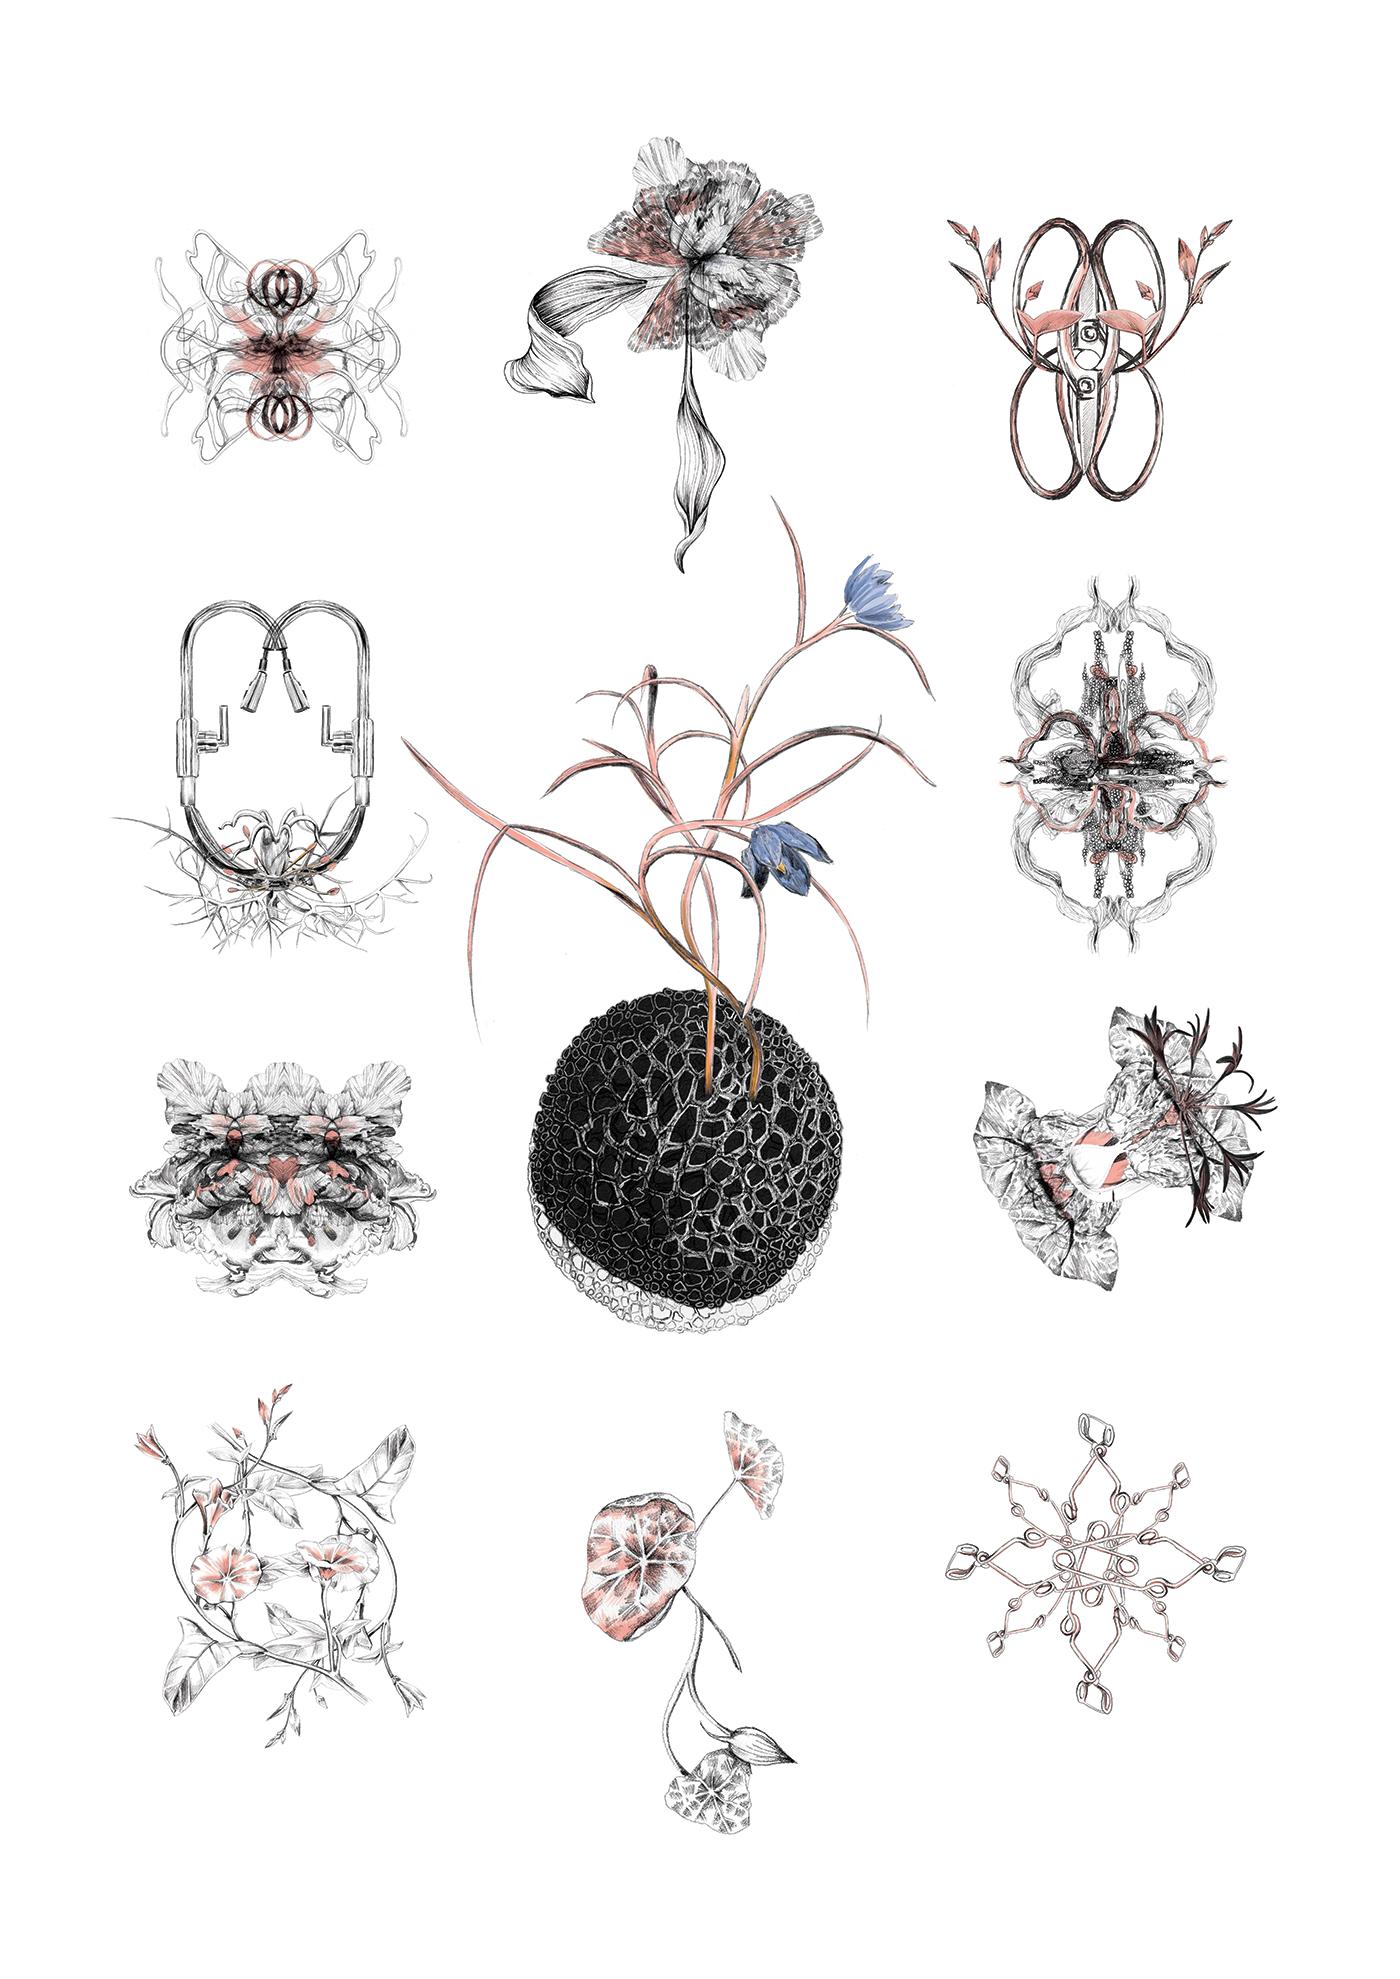 fig 1. Organisms